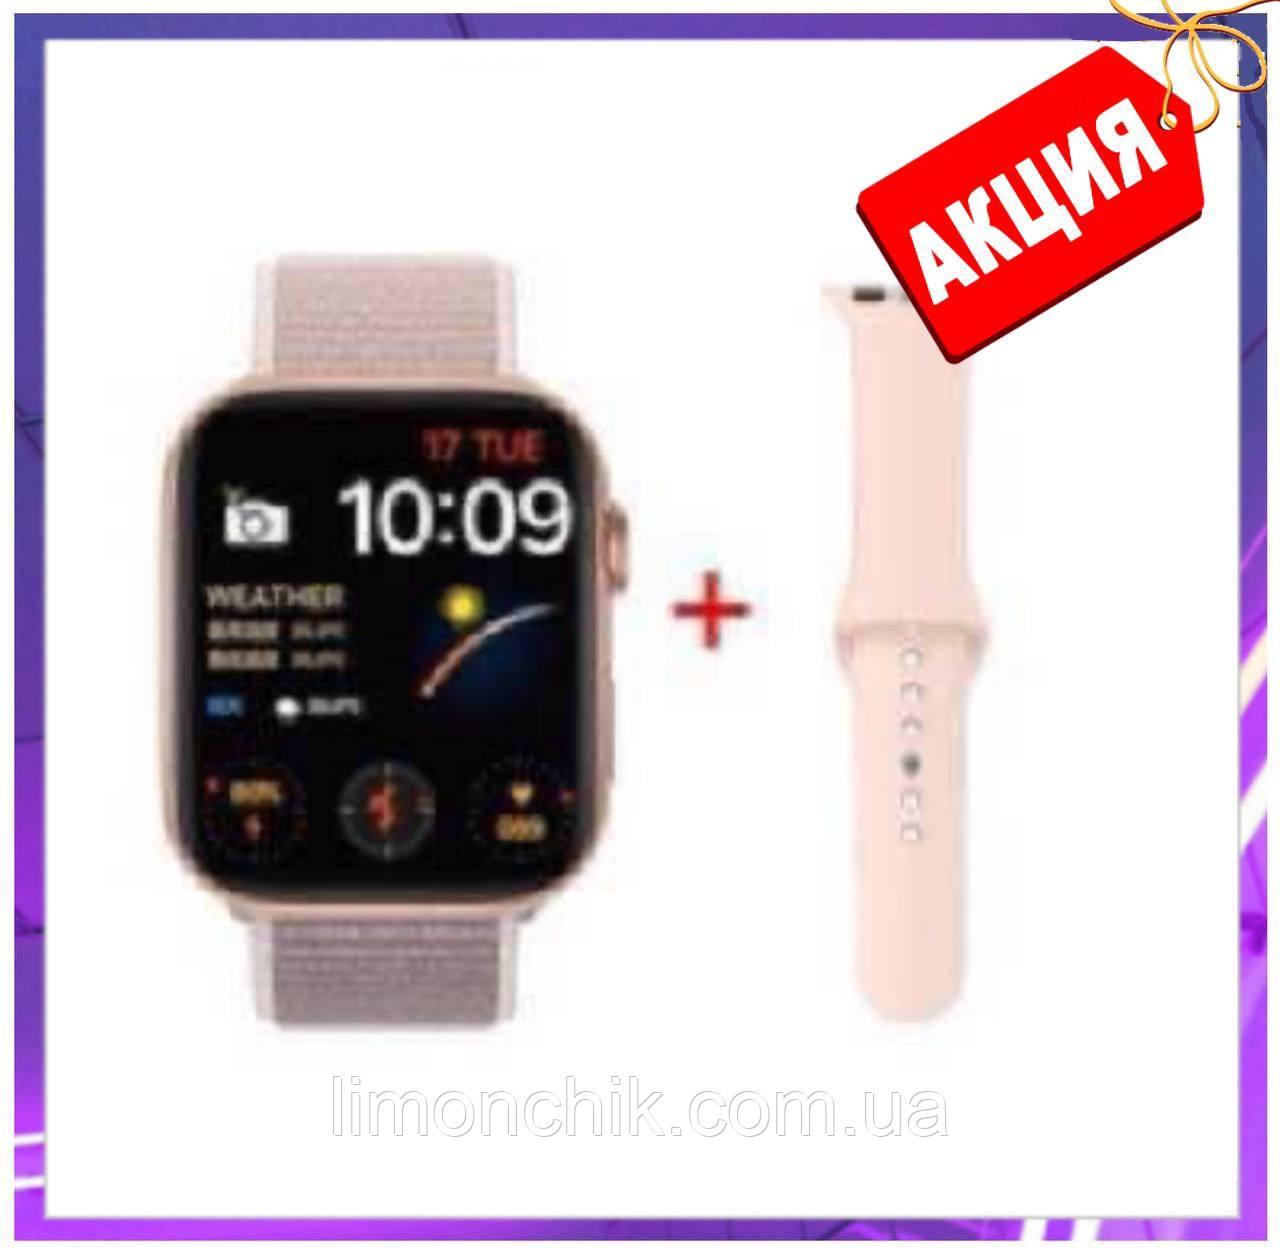 Розумні смарт годинник Smart Watch FK-88 сенсорні наручні пульсометр шагометр фітнес трекер золото